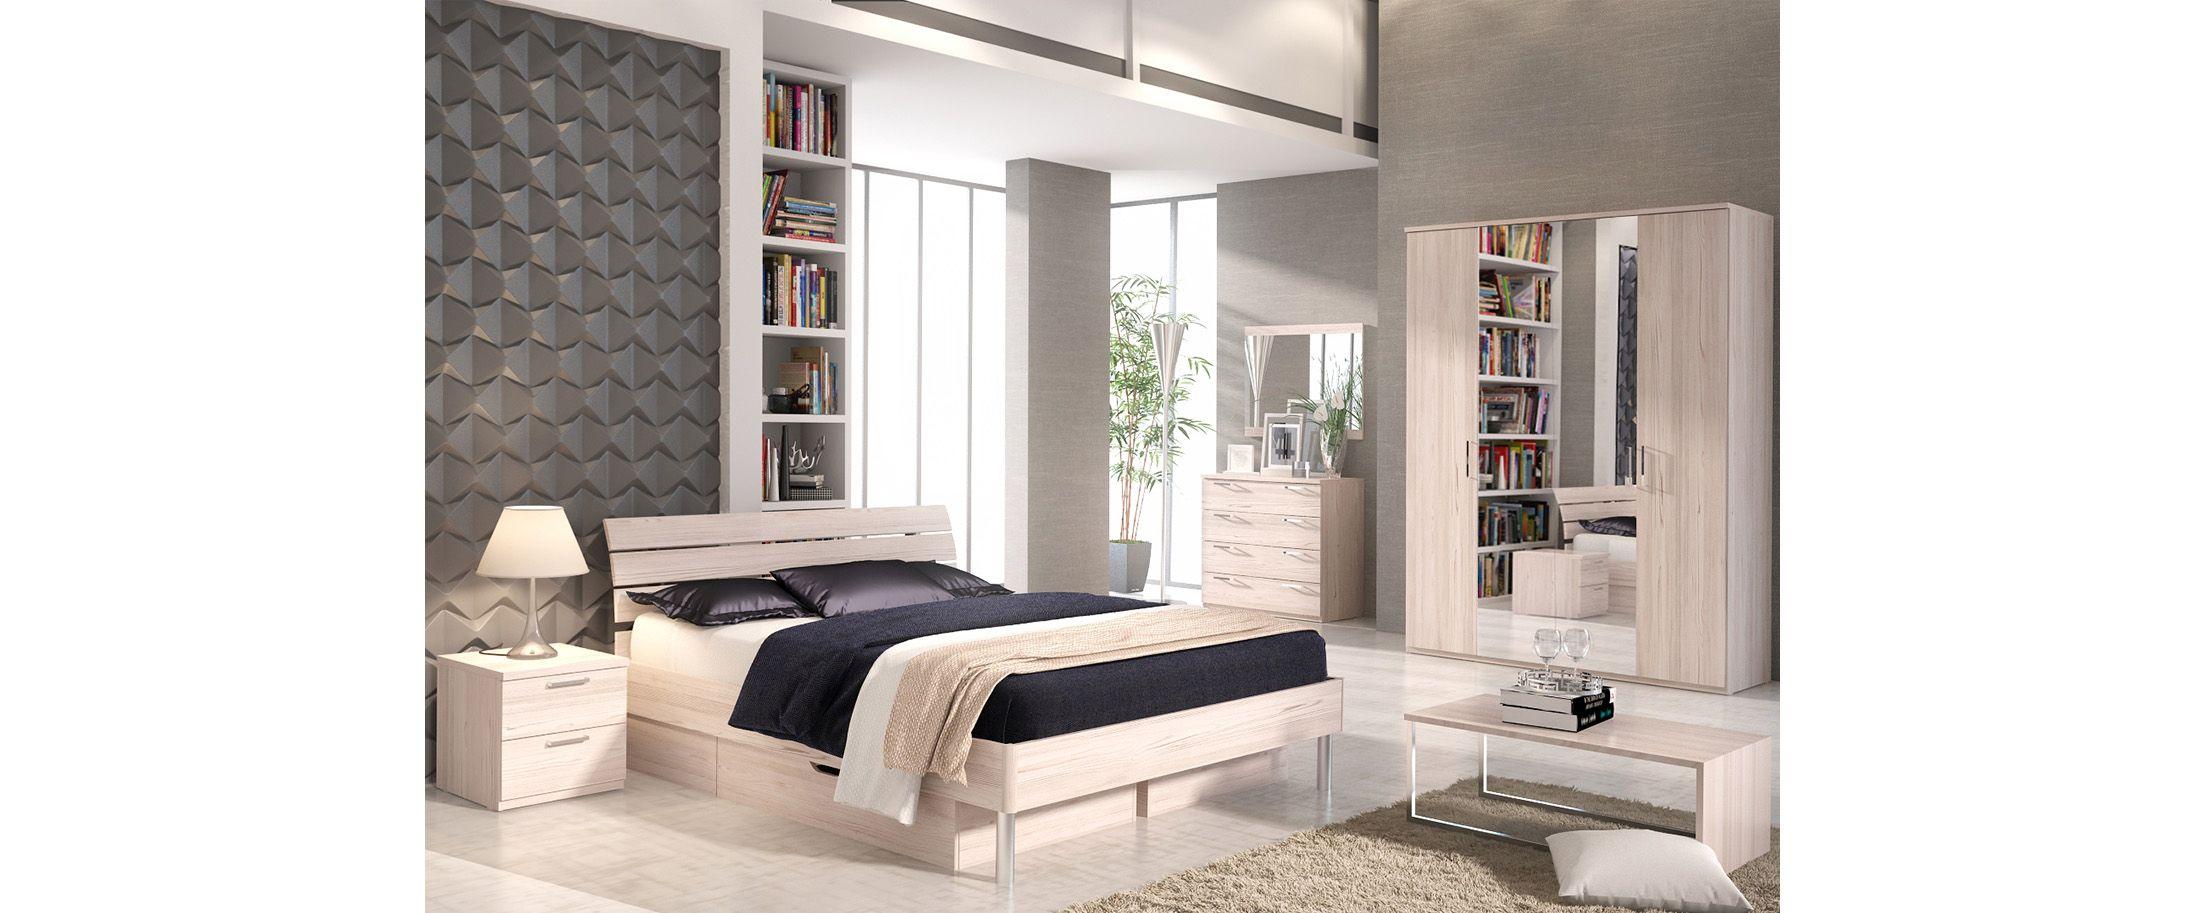 Спальня Fresco светлая 595 от MOON TRADE